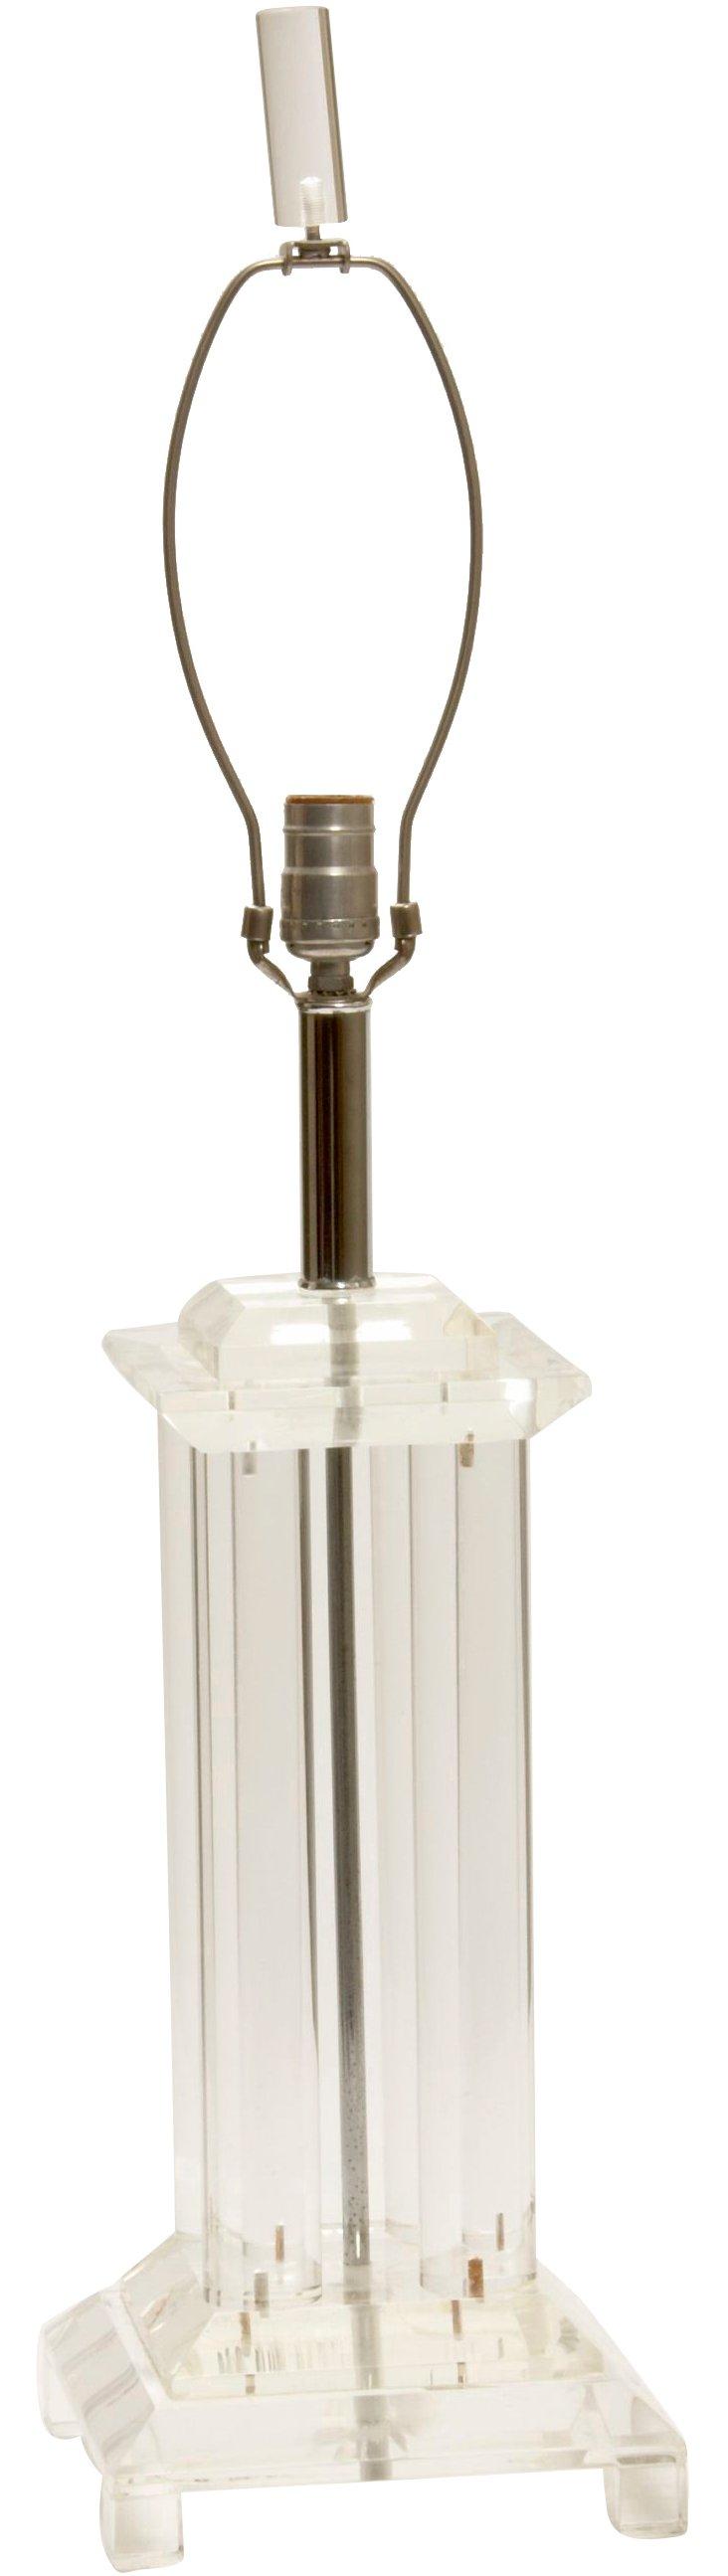 Four-Column Lucite Lamp